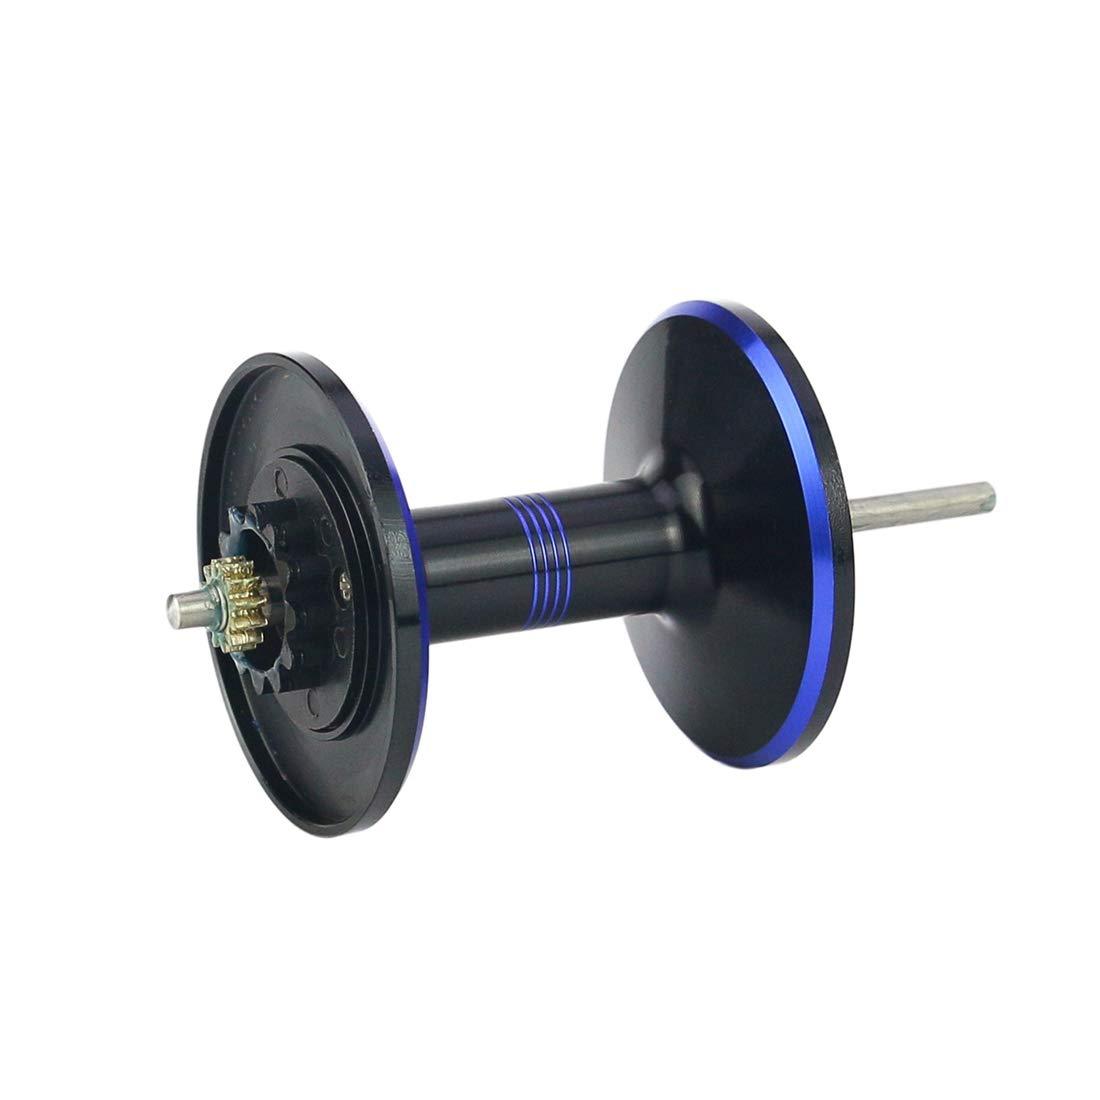 Lieyliso Blau, 3000 Line Multiplier Angelrolle mit 25lb Linie (Größe (Größe (Größe   50 Model Left Hand) B07NLTVJF3 Spinning-Rollen Lassen Sie unsere Produkte in die Welt gehen edc0d8